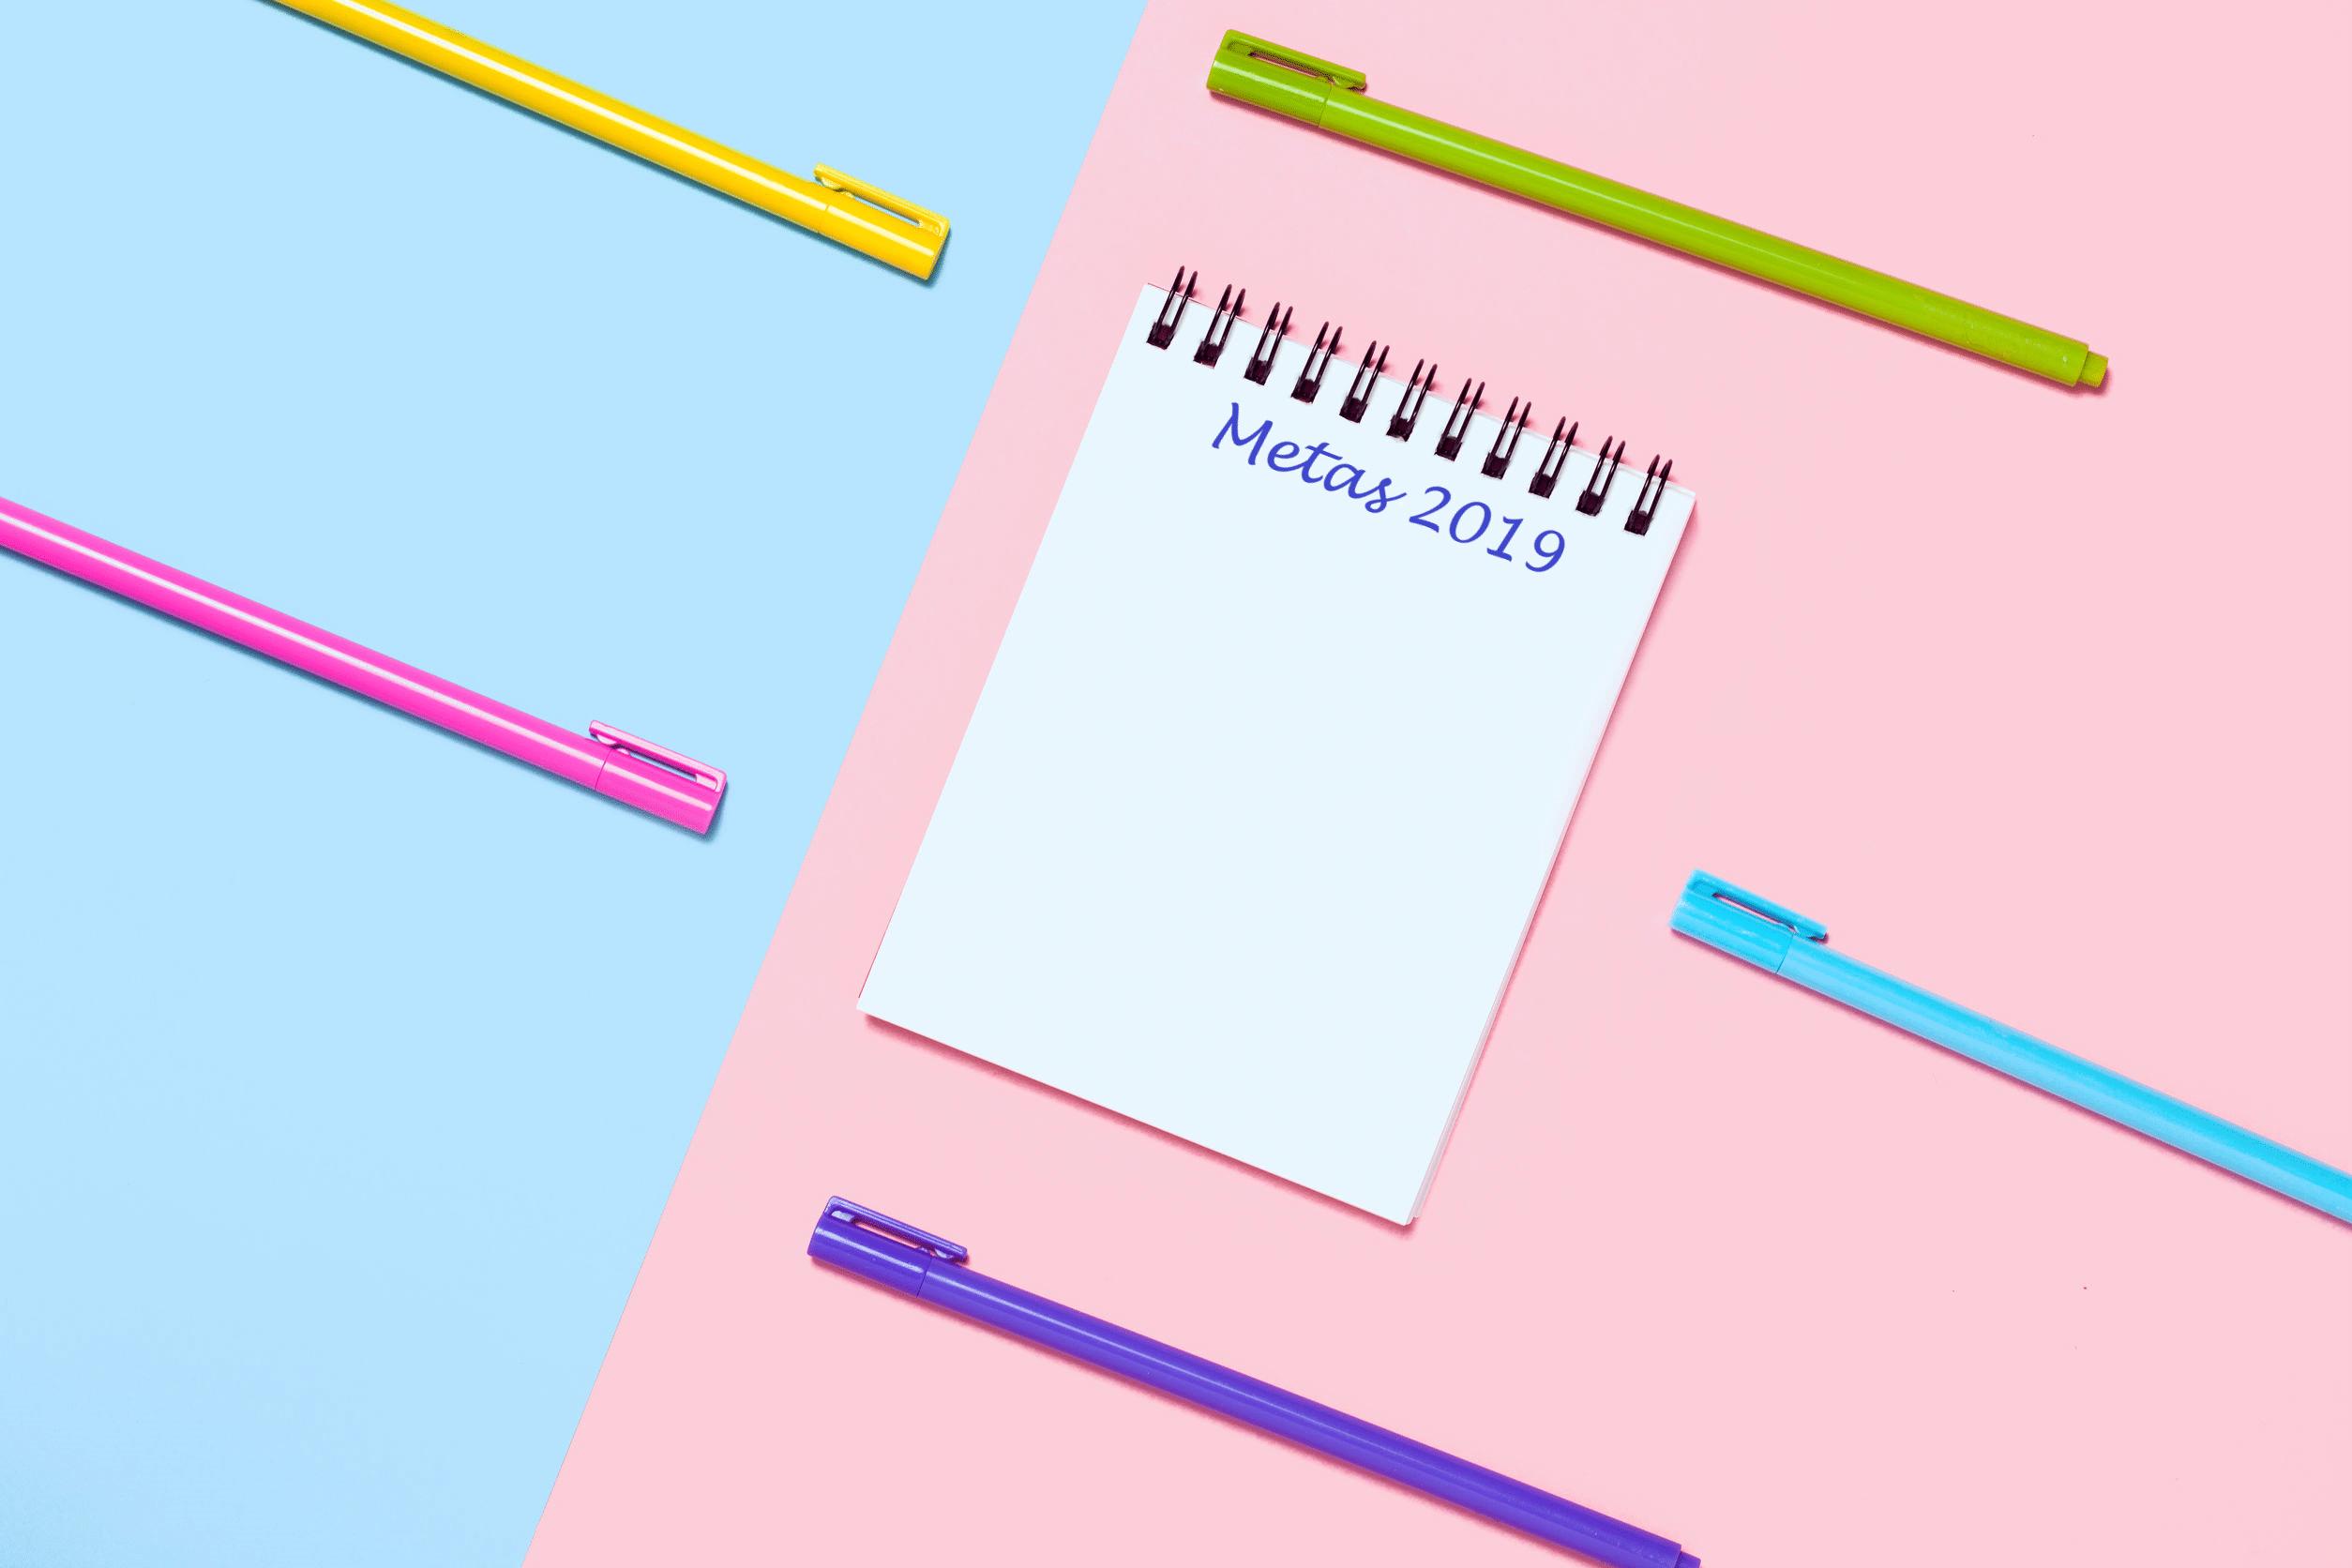 Caderno com lista de metas para 2019. Mesa nas cores azul e rosa. Cinco canetas espalhadas na tela nas cores amarelo, verde, rosa, azul e roxo.